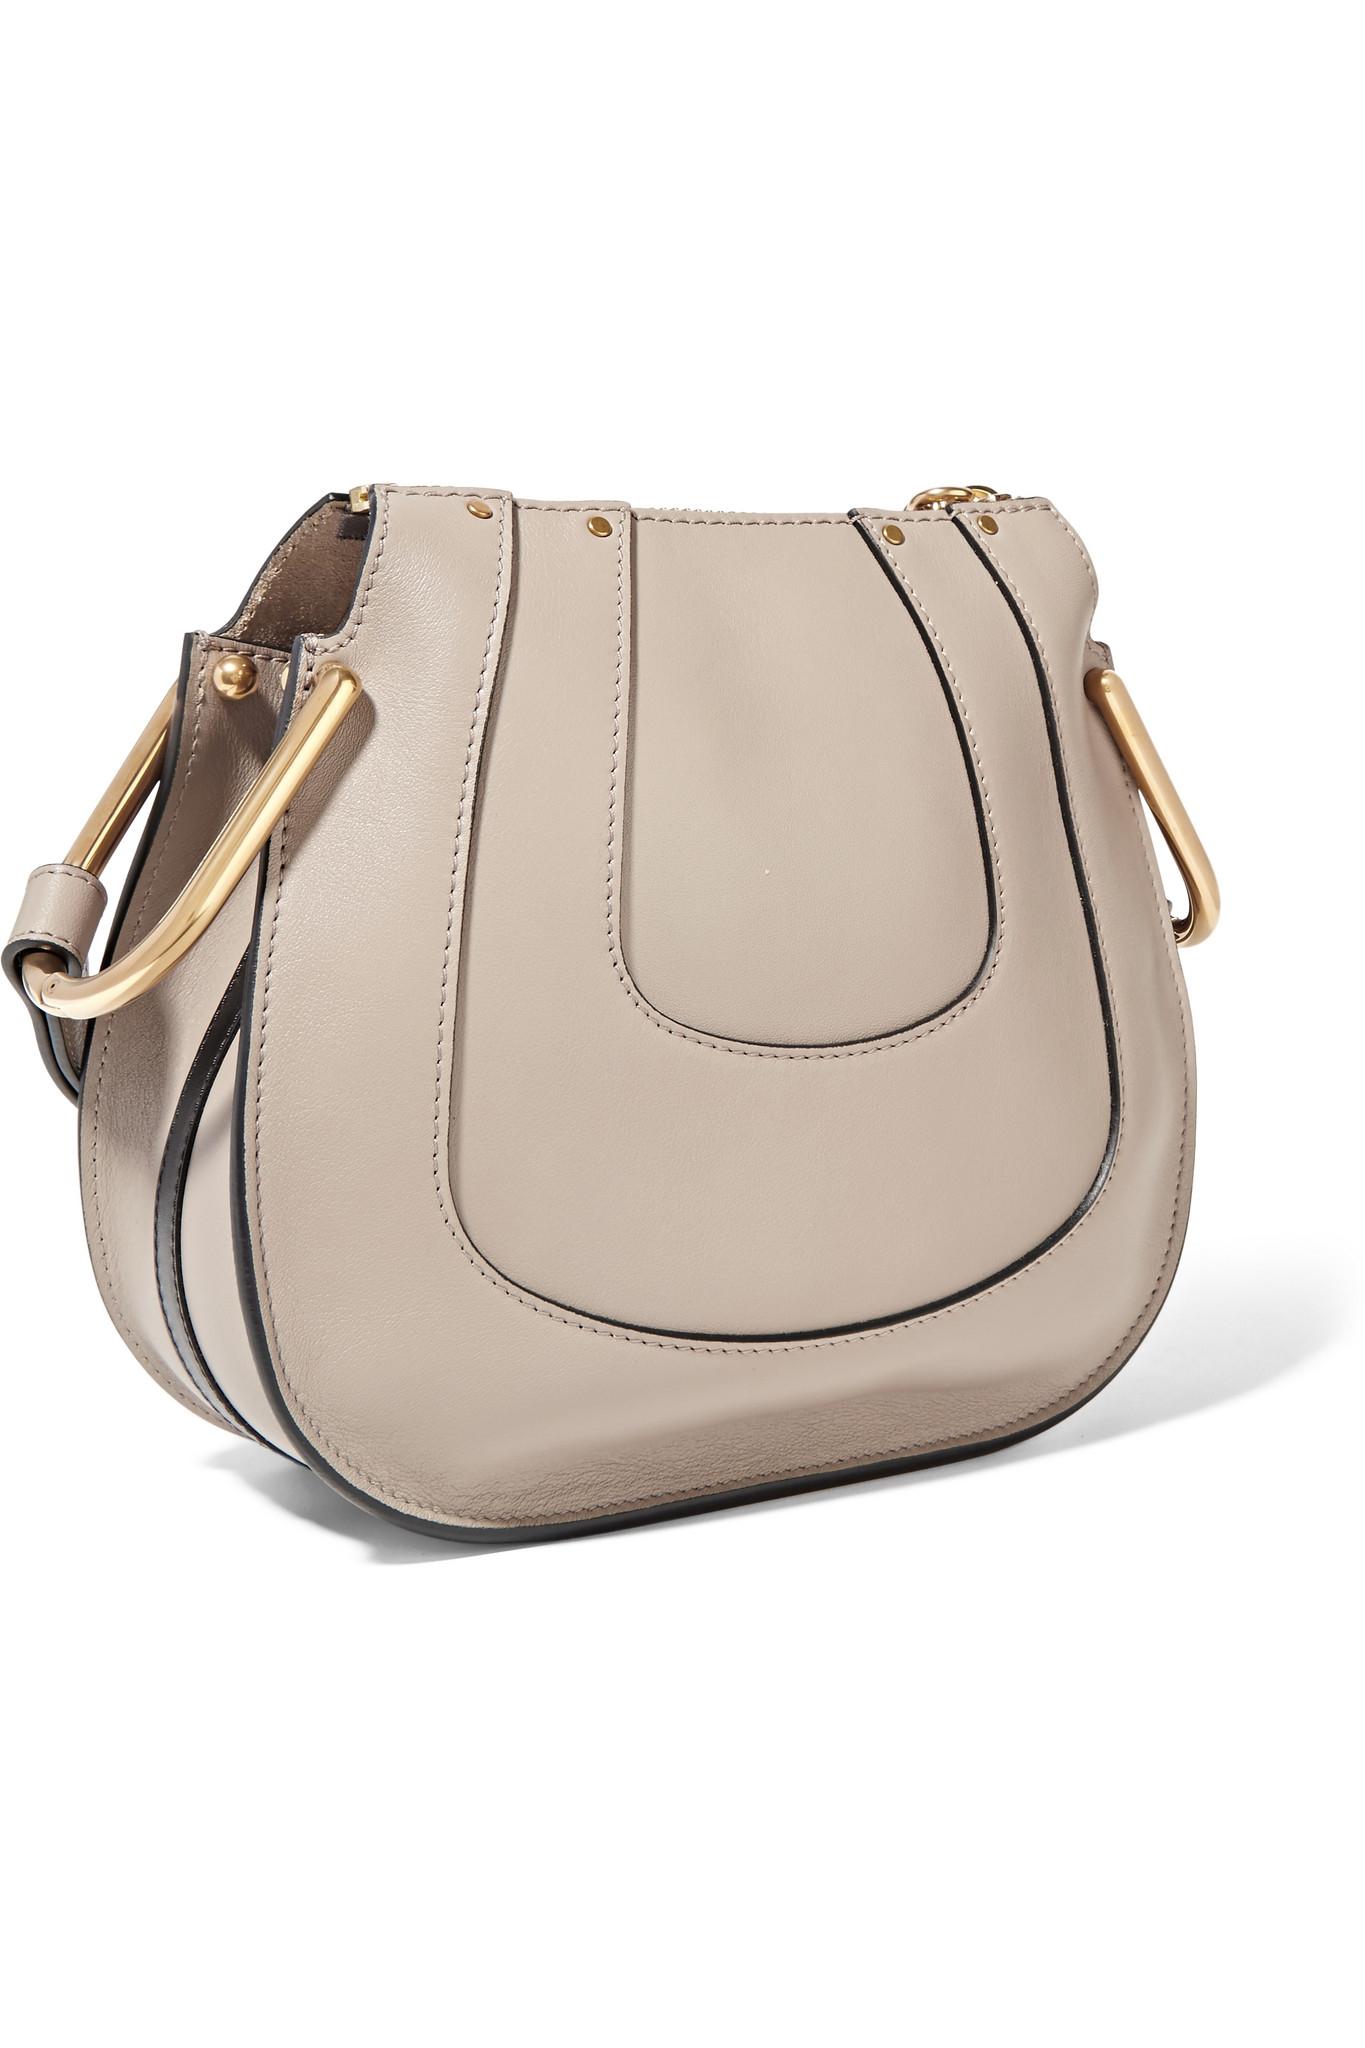 chloe bag price - chloe hayley mini textured-leather shoulder bag, chloe satchel bag